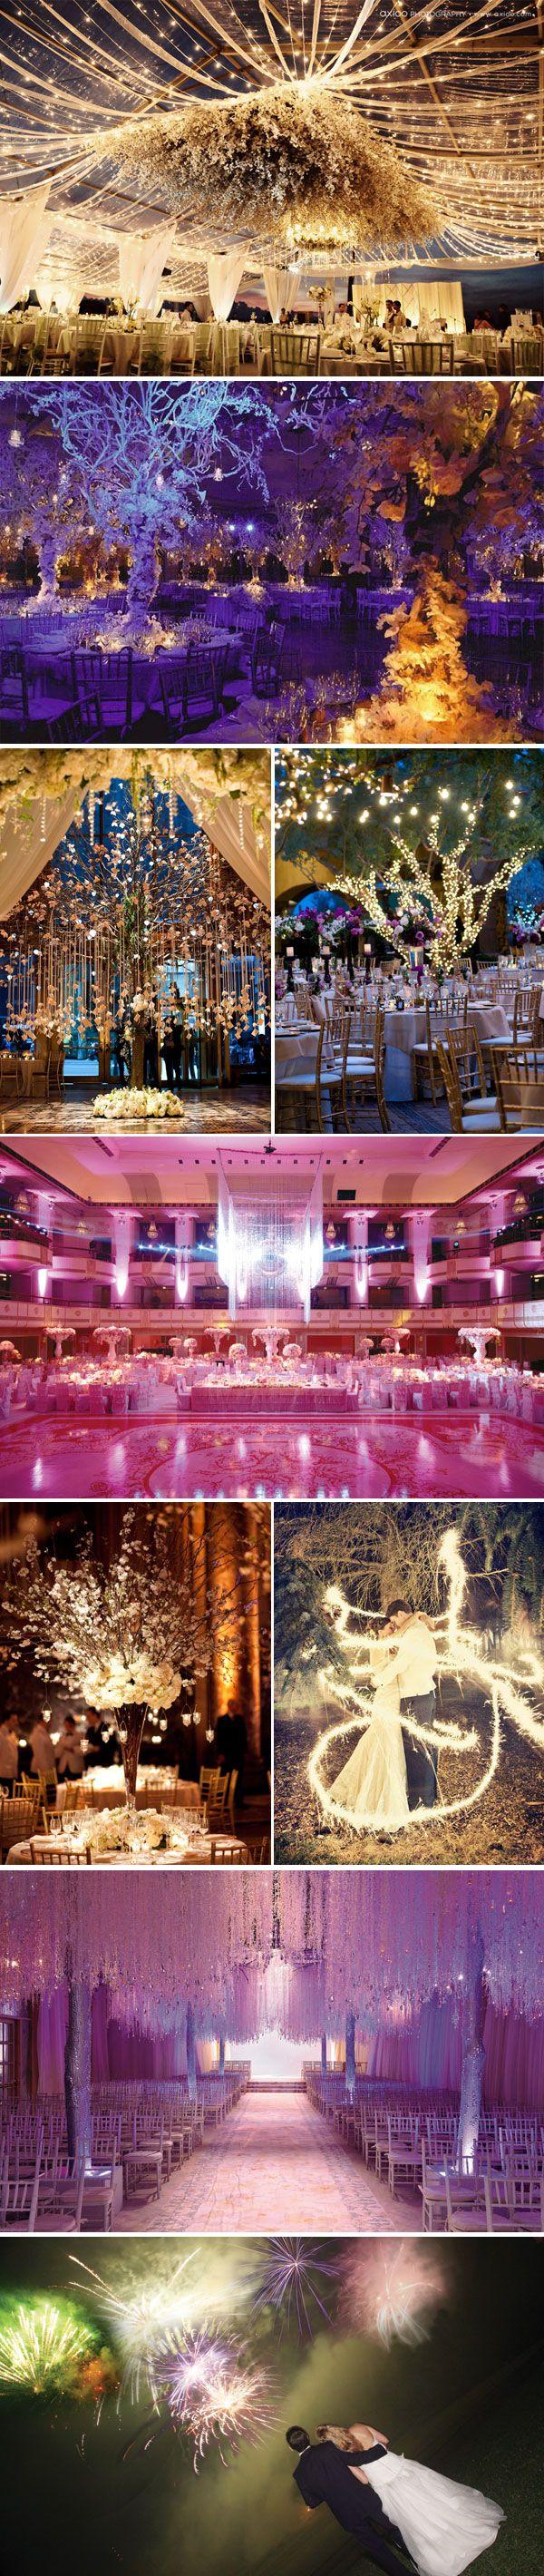 fotos de decoração de casamento 6